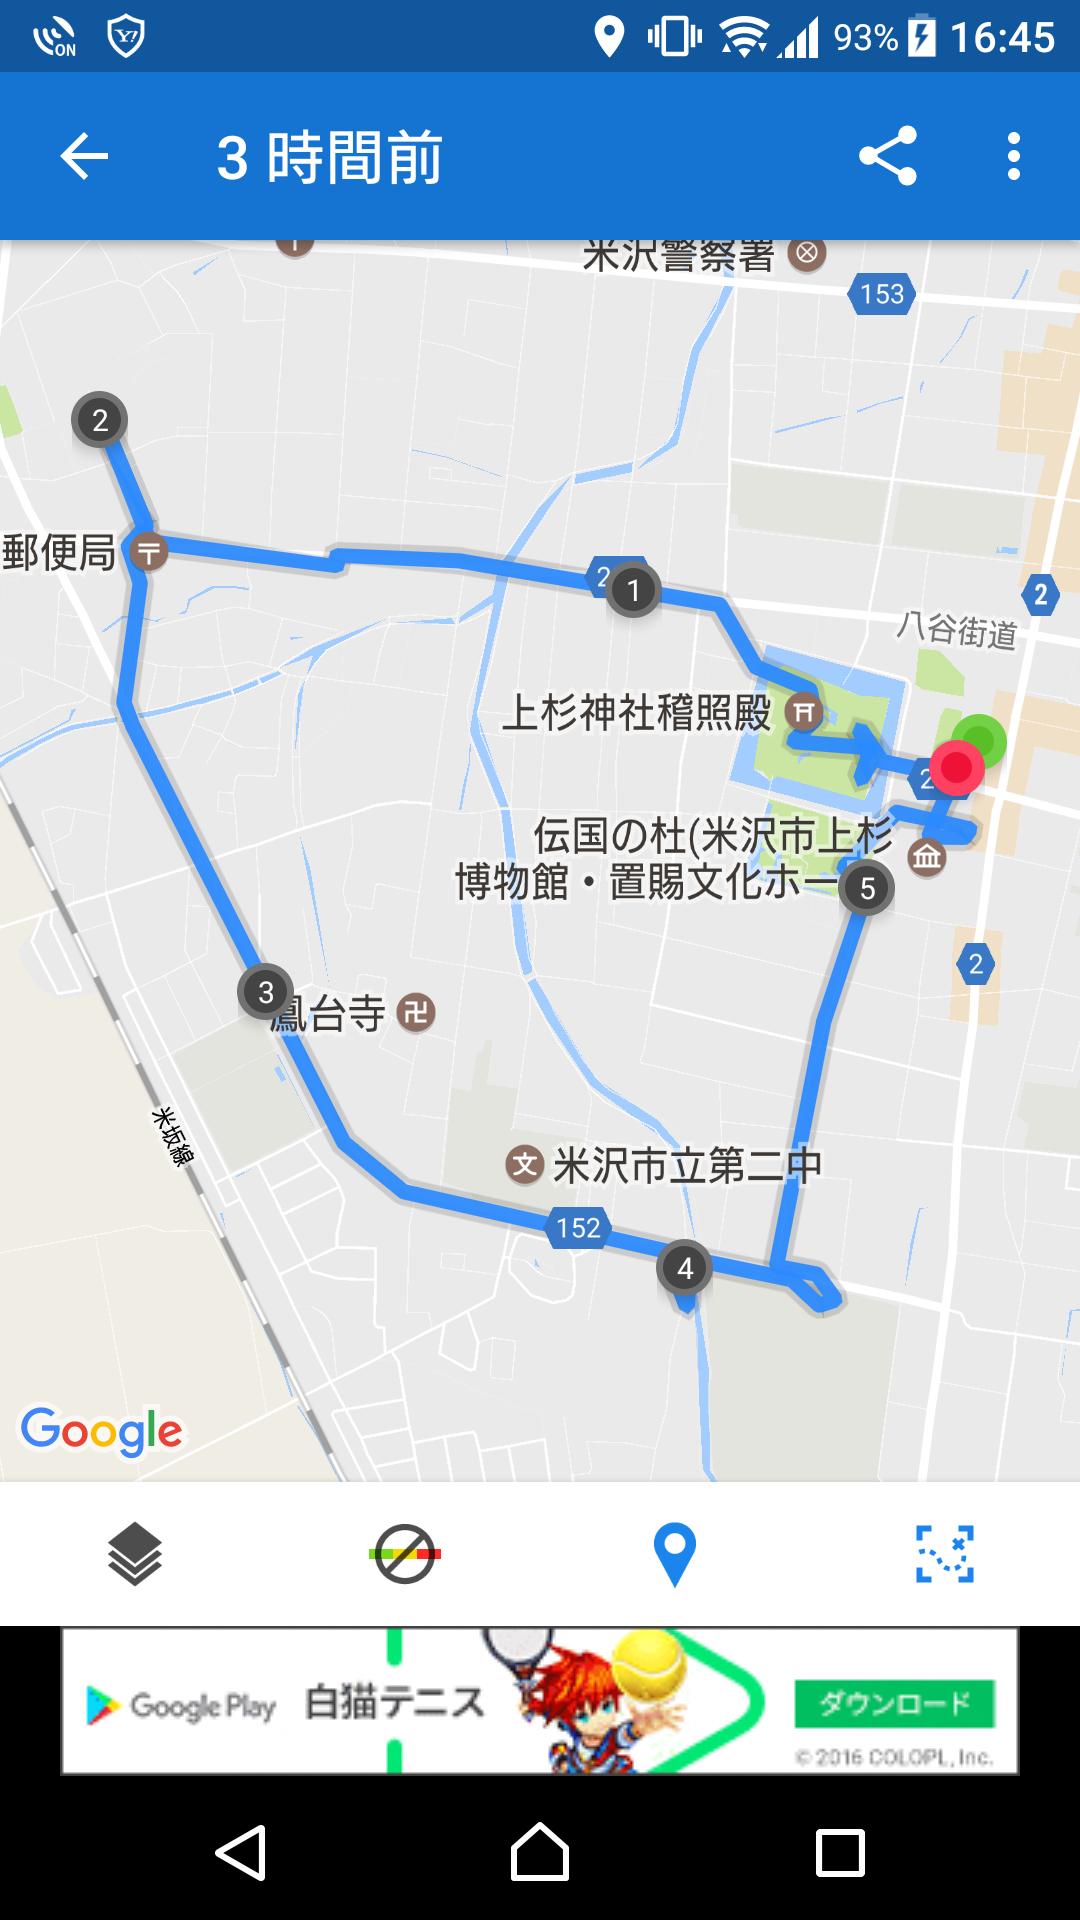 f:id:ynakayama27:20170607165245p:plain